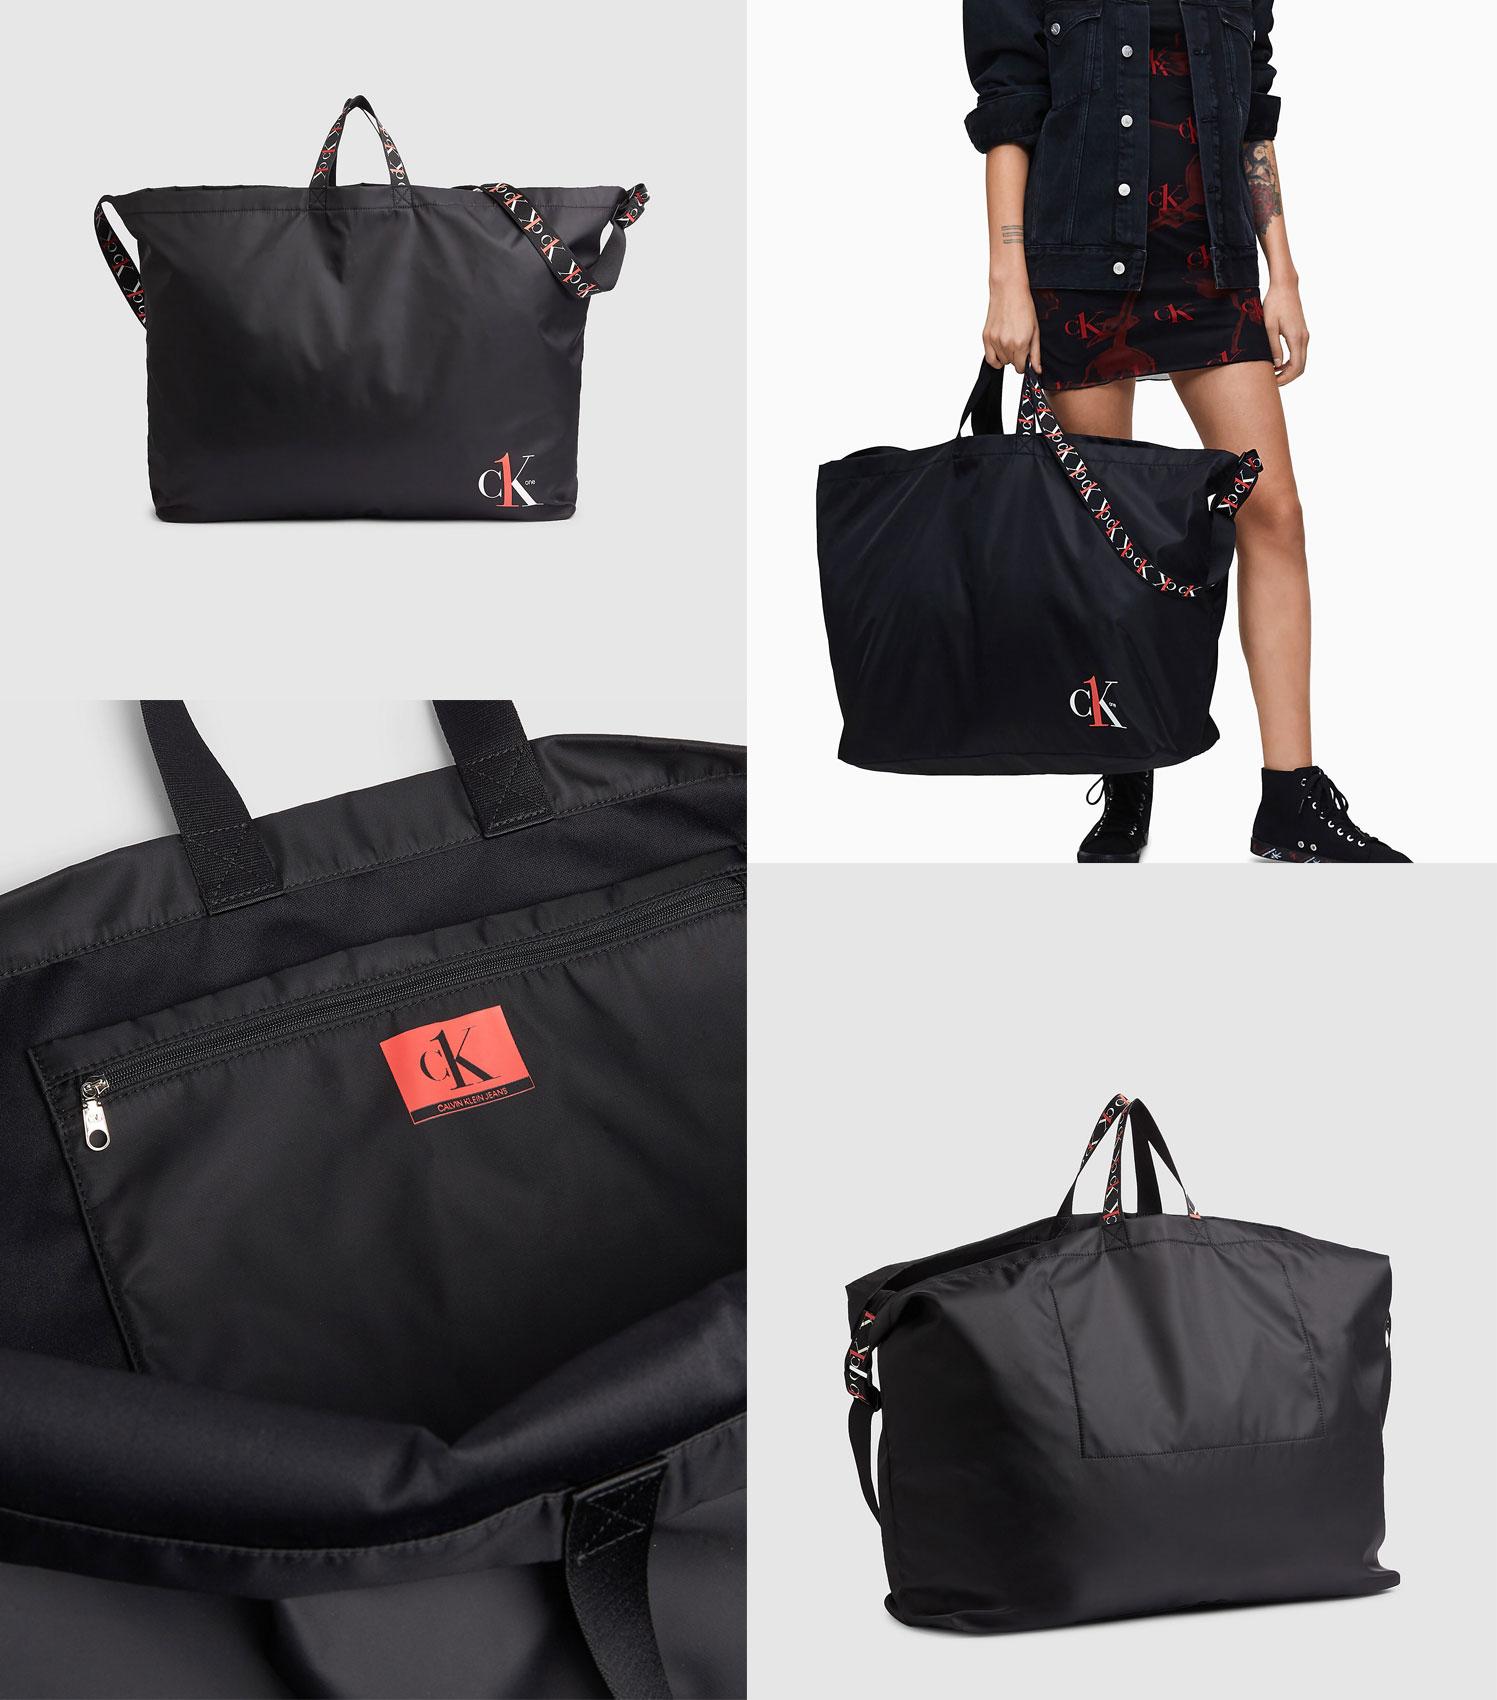 Calvin Klein shopper @ About You